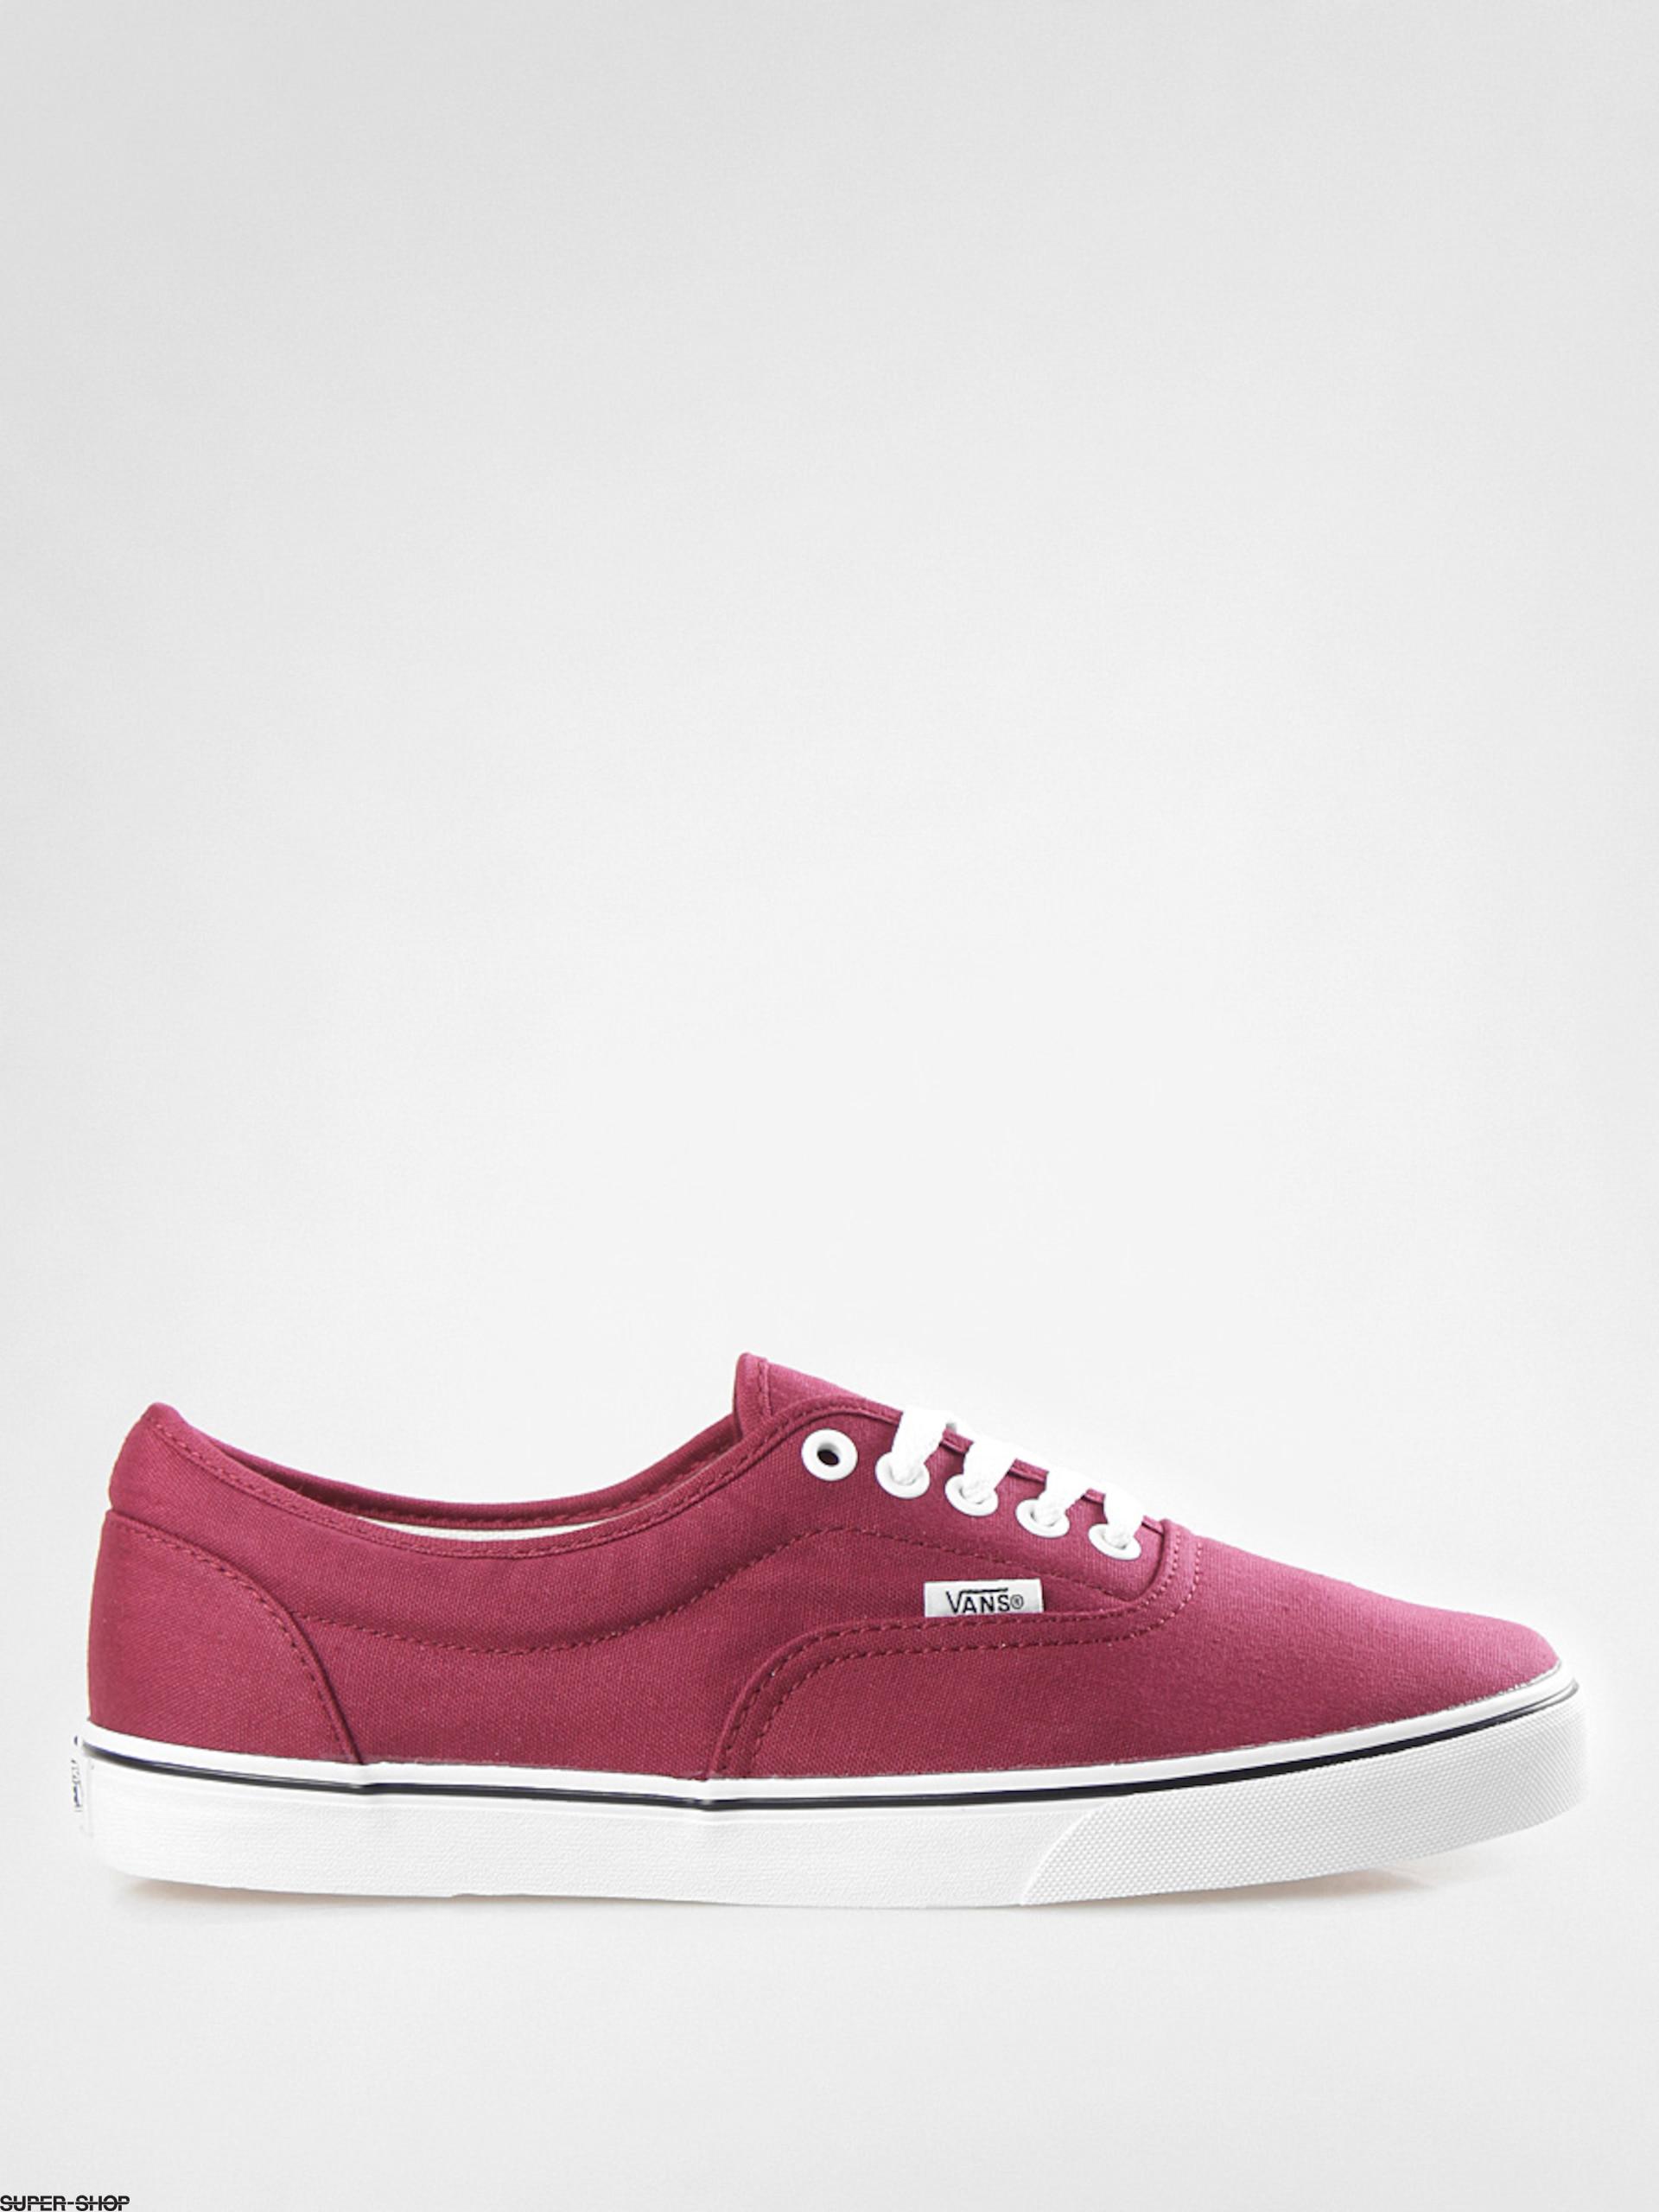 Vans shoes LPE VRRR76N (tawny port/true white)